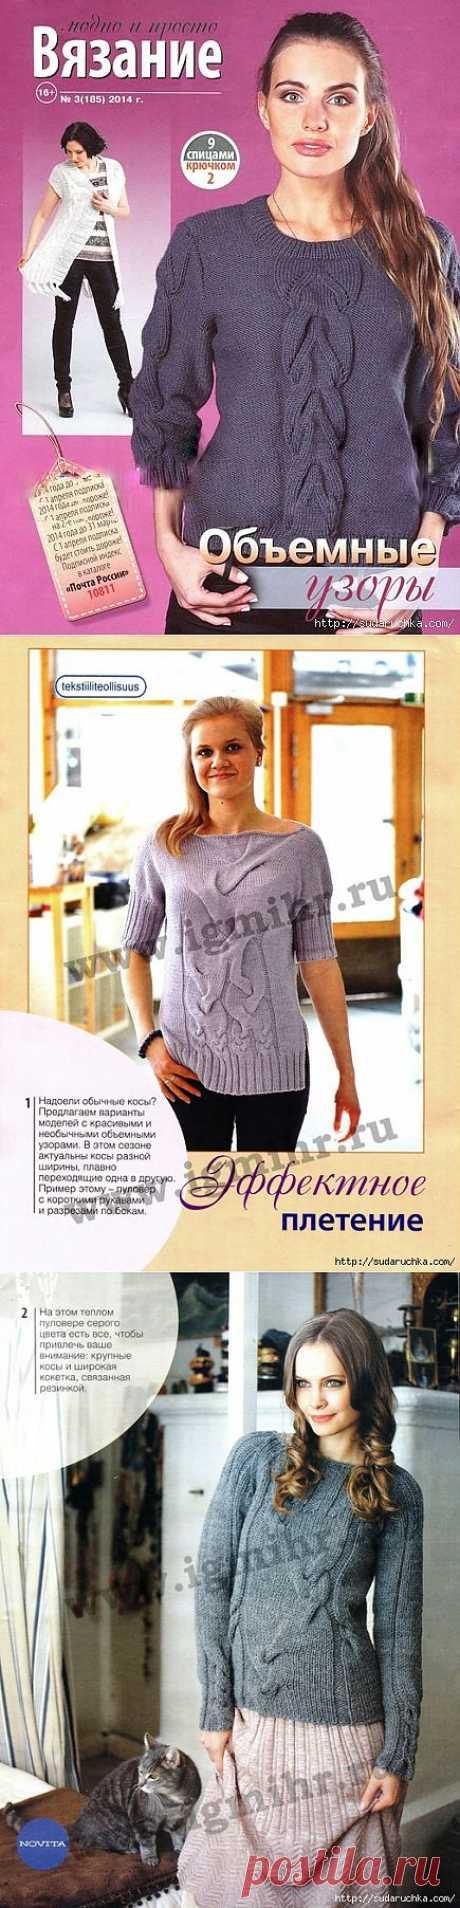 """""""Вязание модно и просто - объемные узоры"""".Журнал по вязанию.."""